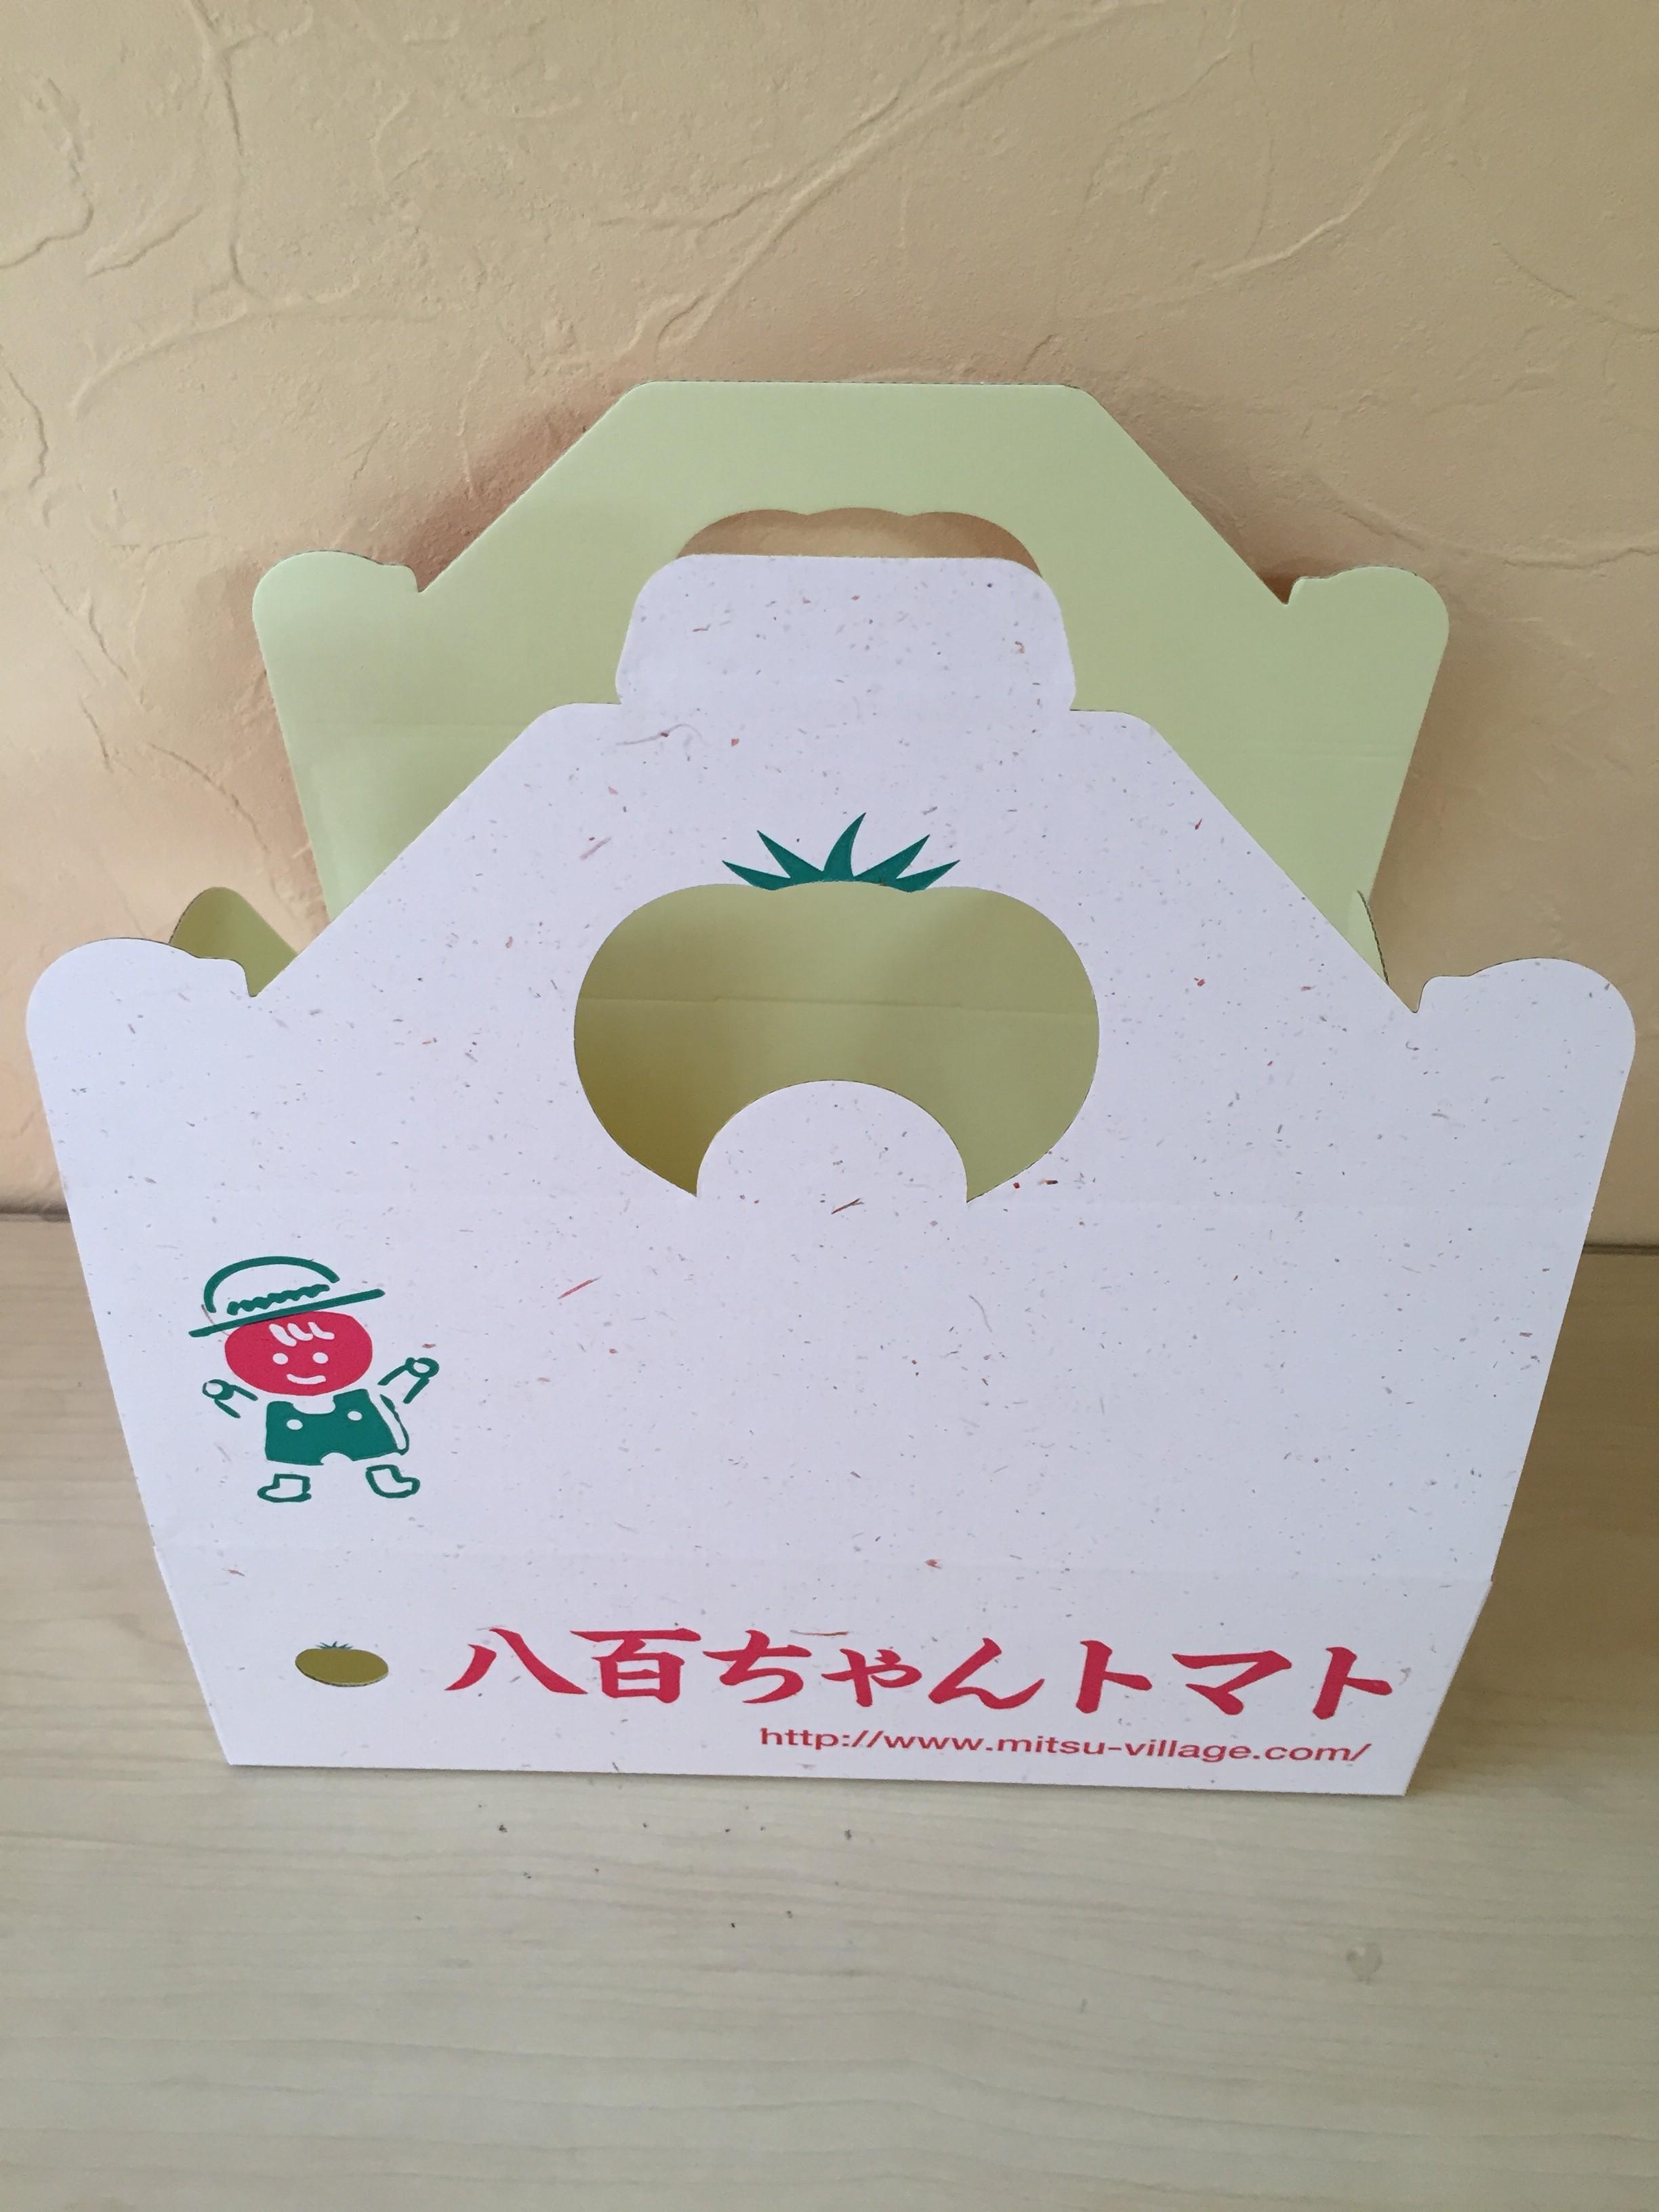 選ぶ楽しみ カラーダンボール Take delight in selecting colorful cardboard boxes!